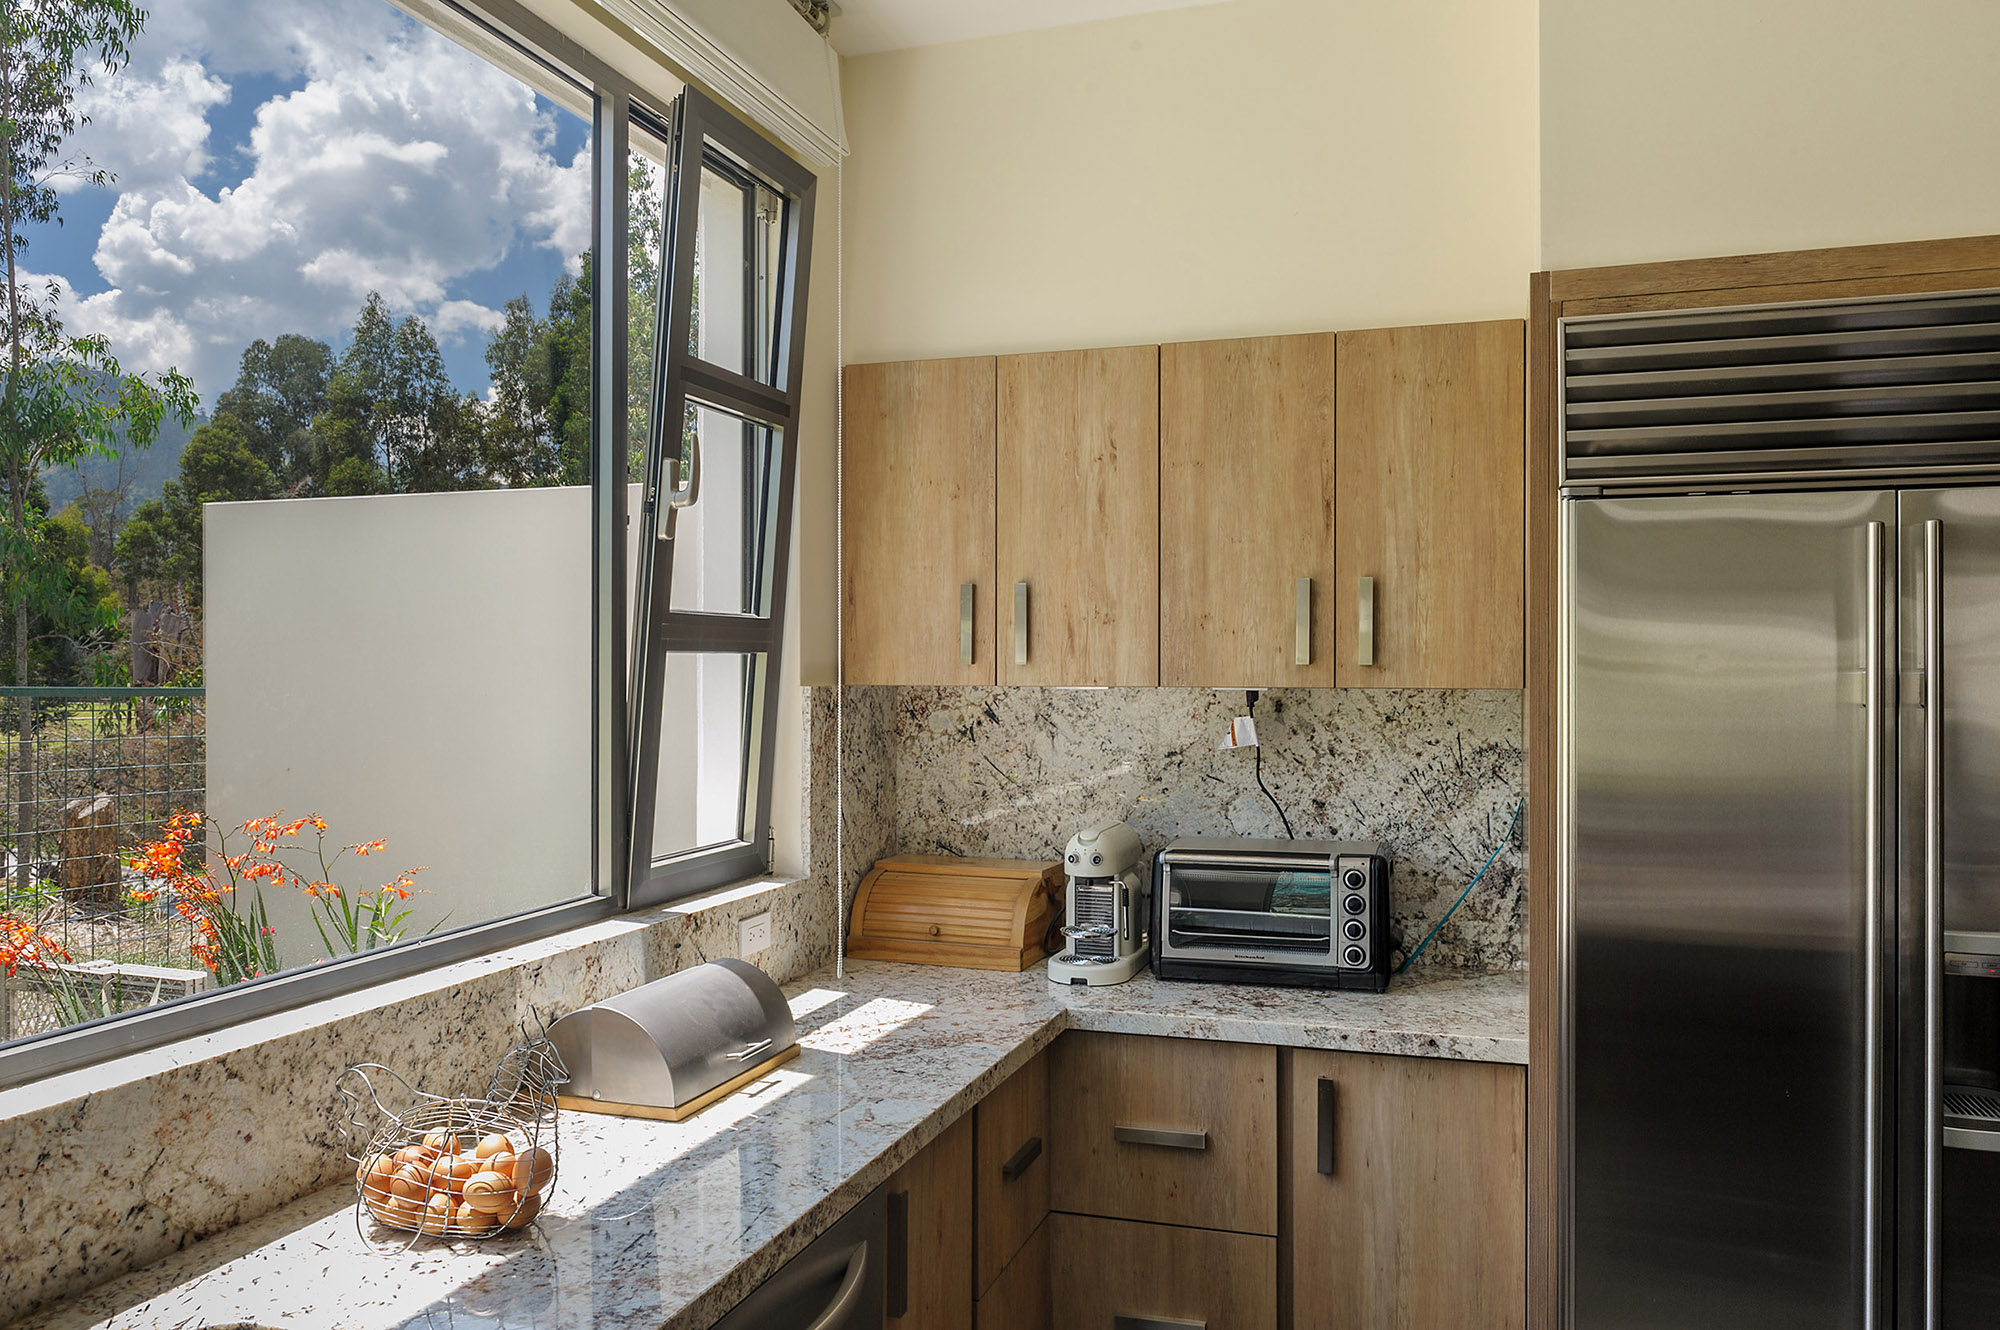 Cocina con ventana de apertura parcial horizontal y apertura vertical completa